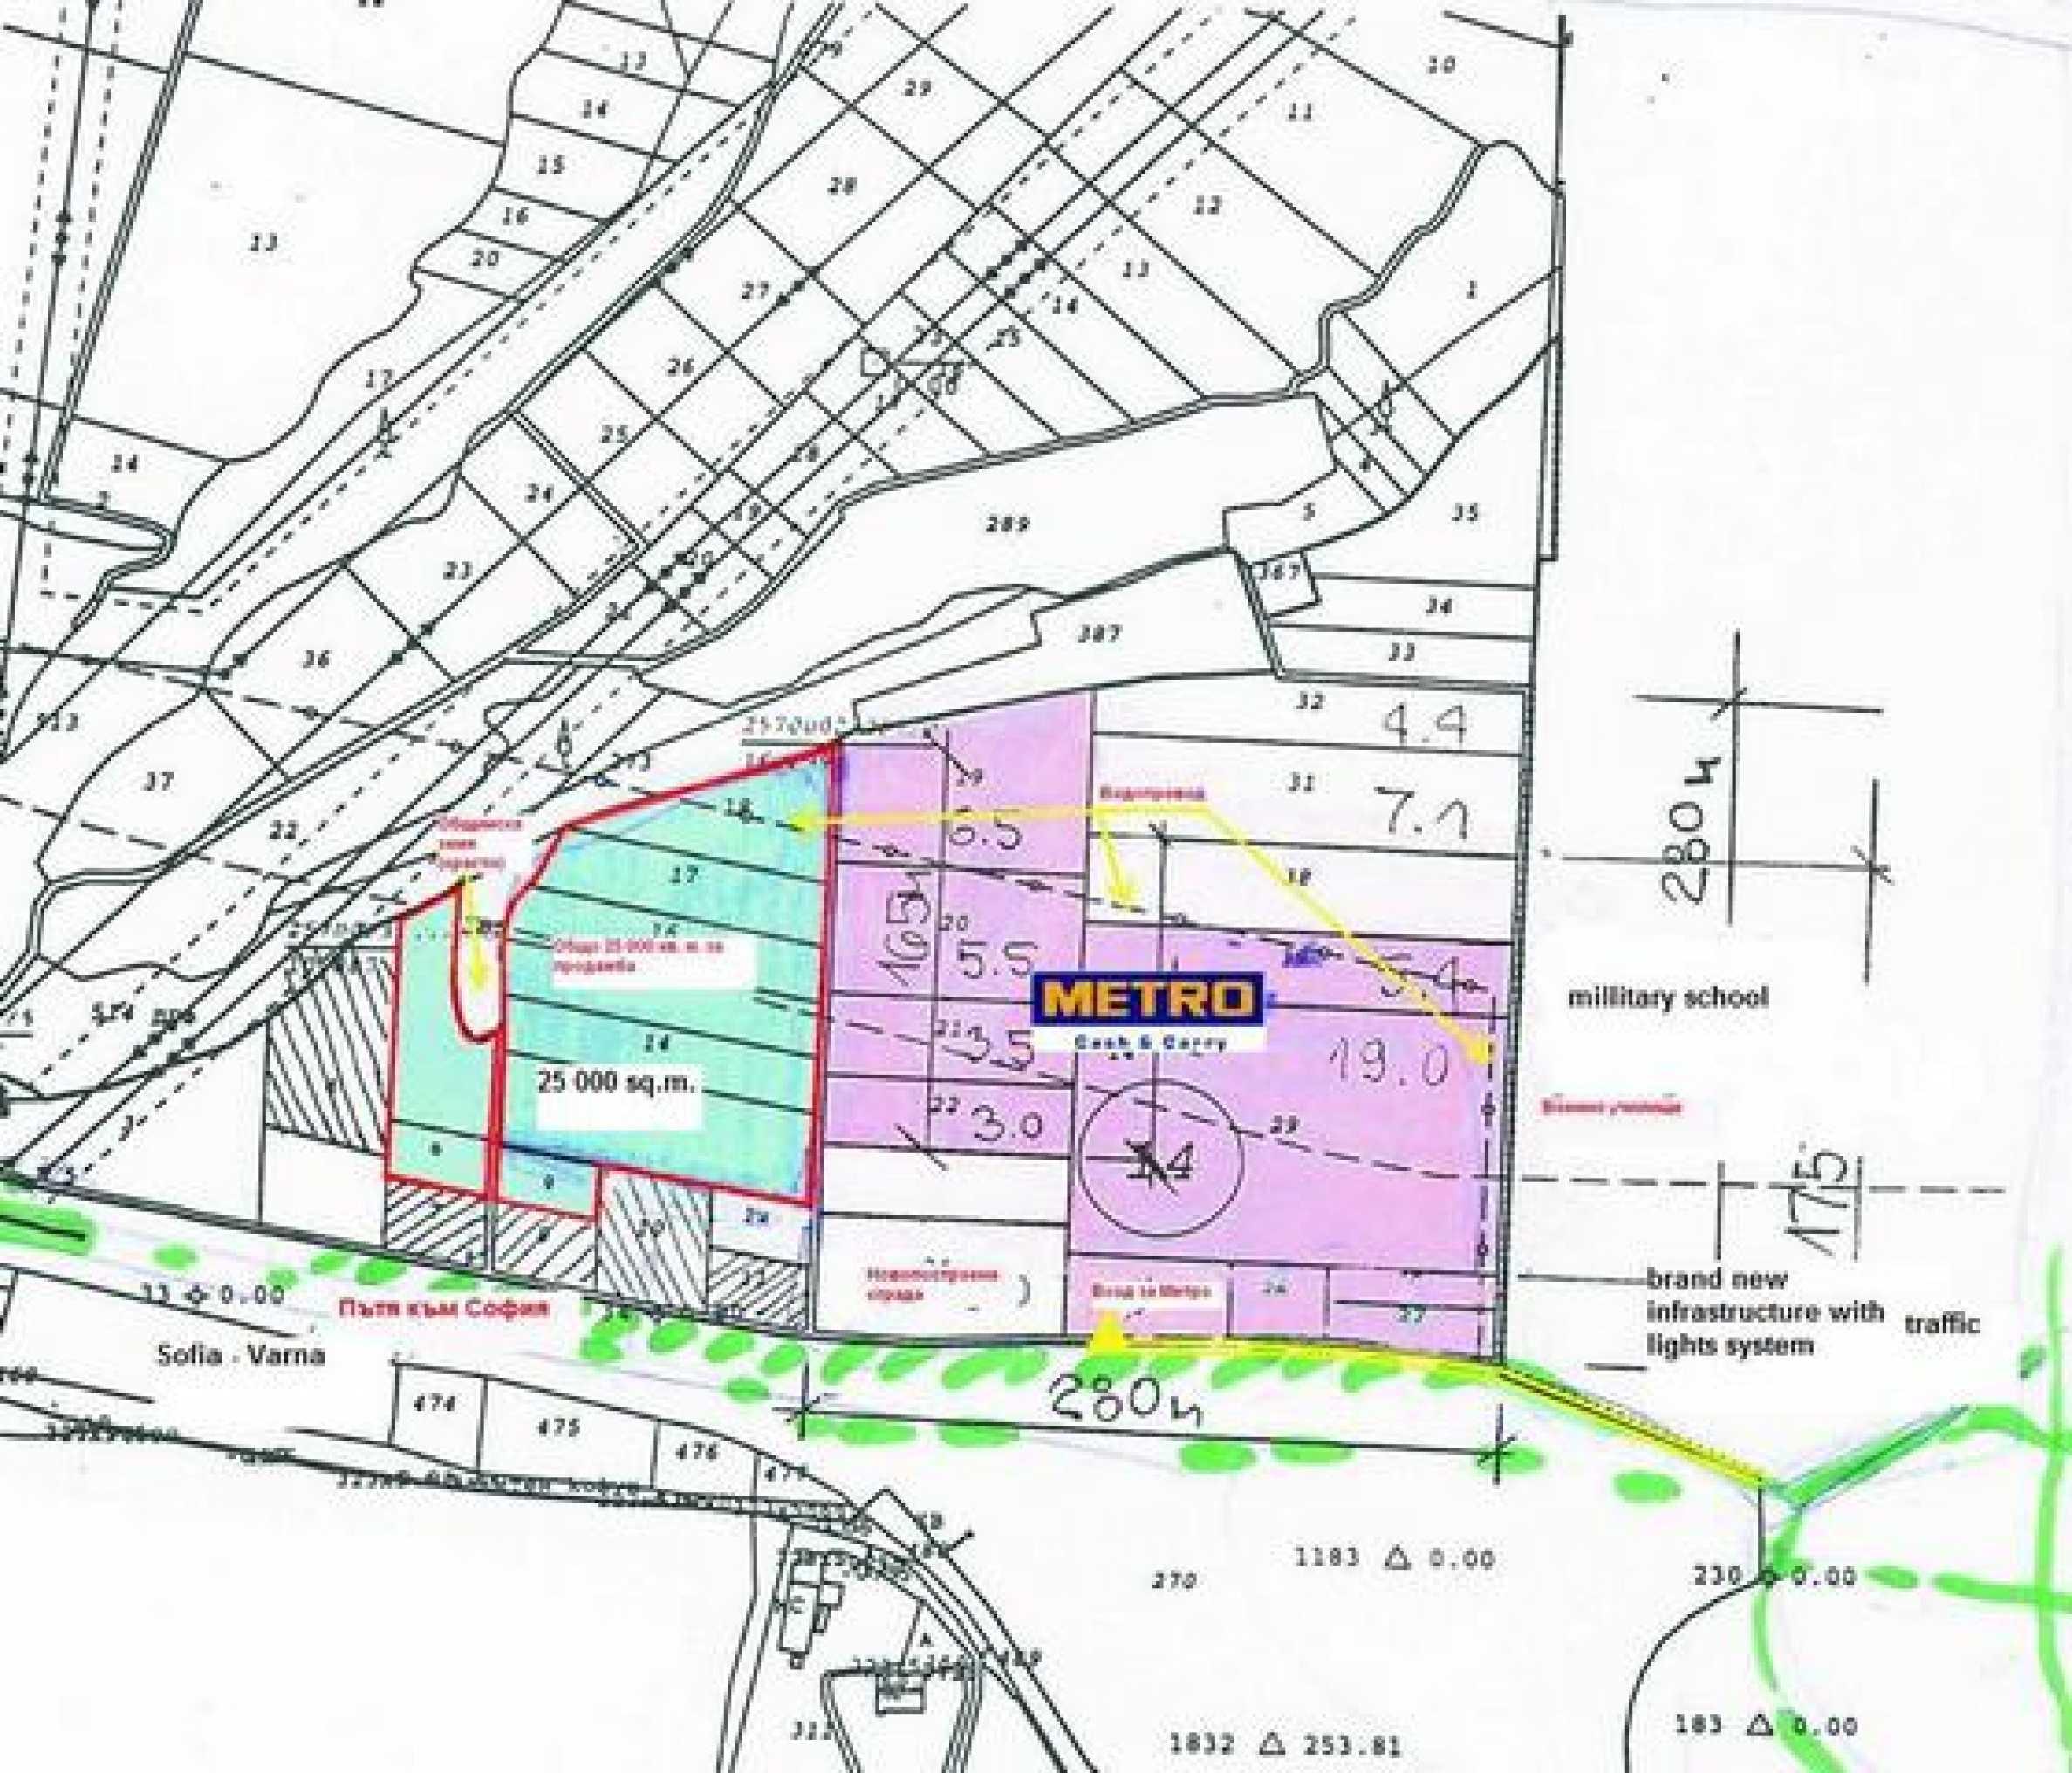 Plot for commercial development 16